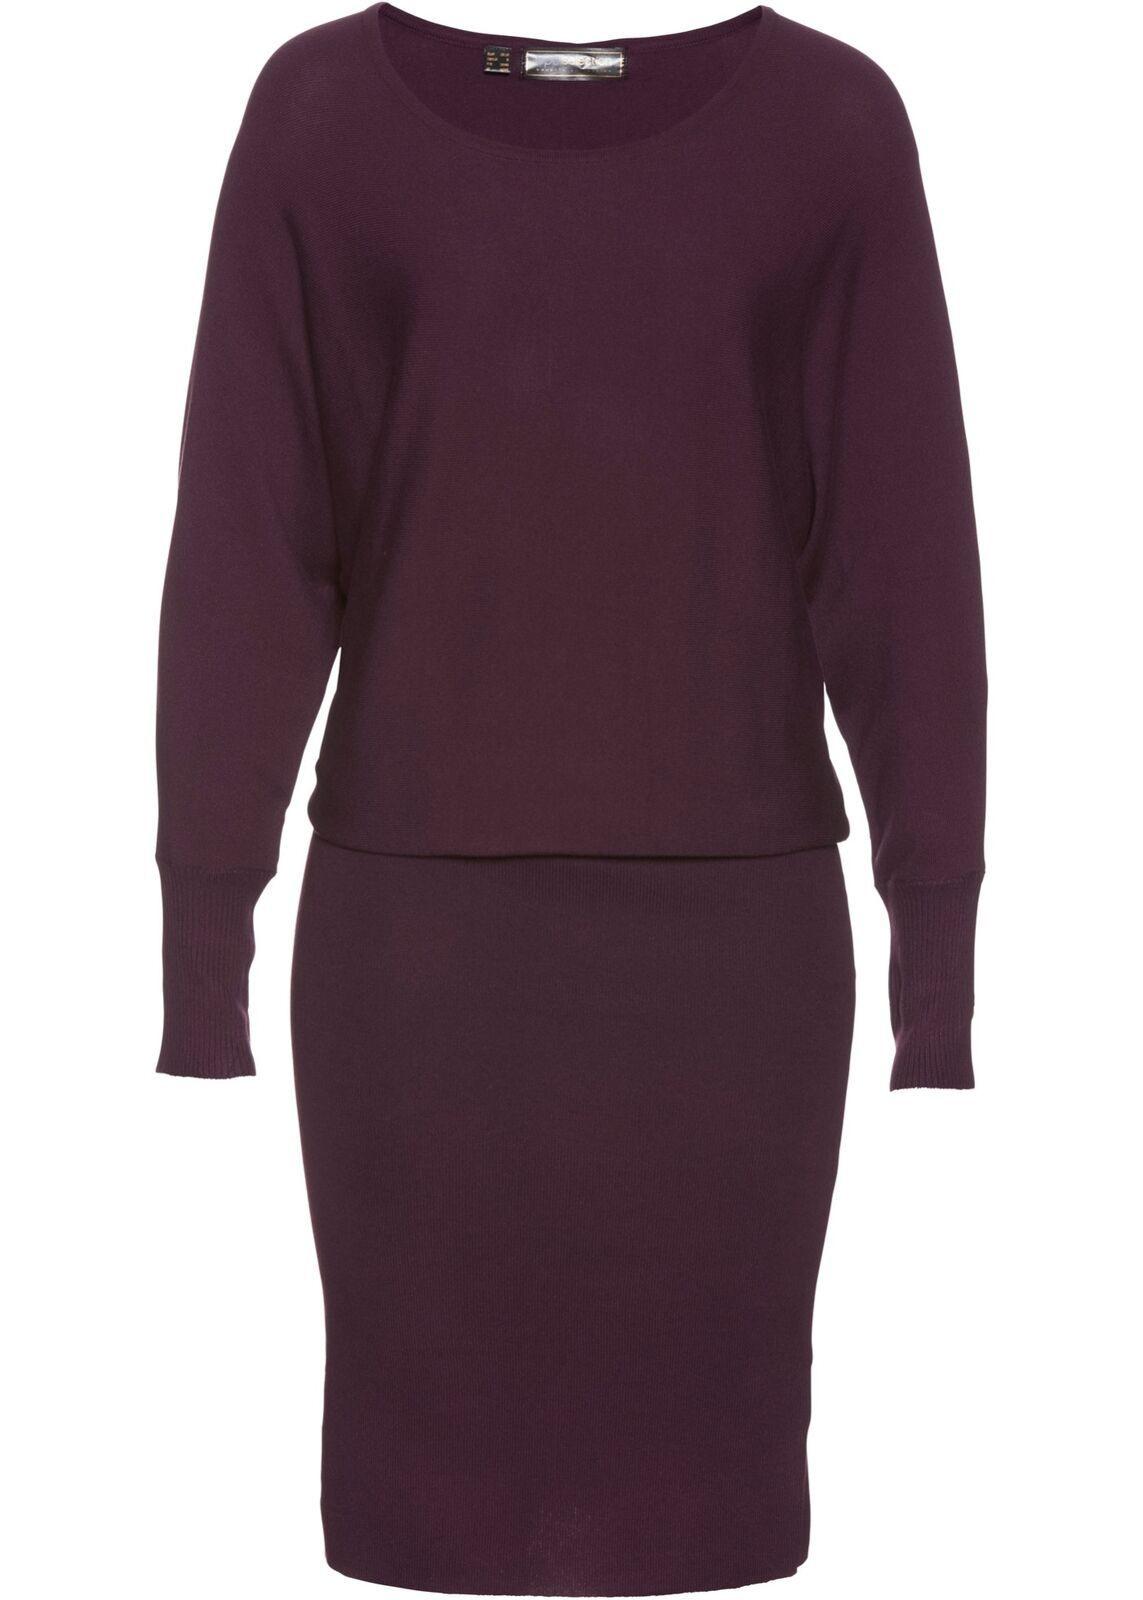 20 Genial Langes Kleid Gr 52 Spezialgebiet15 Top Langes Kleid Gr 52 Spezialgebiet